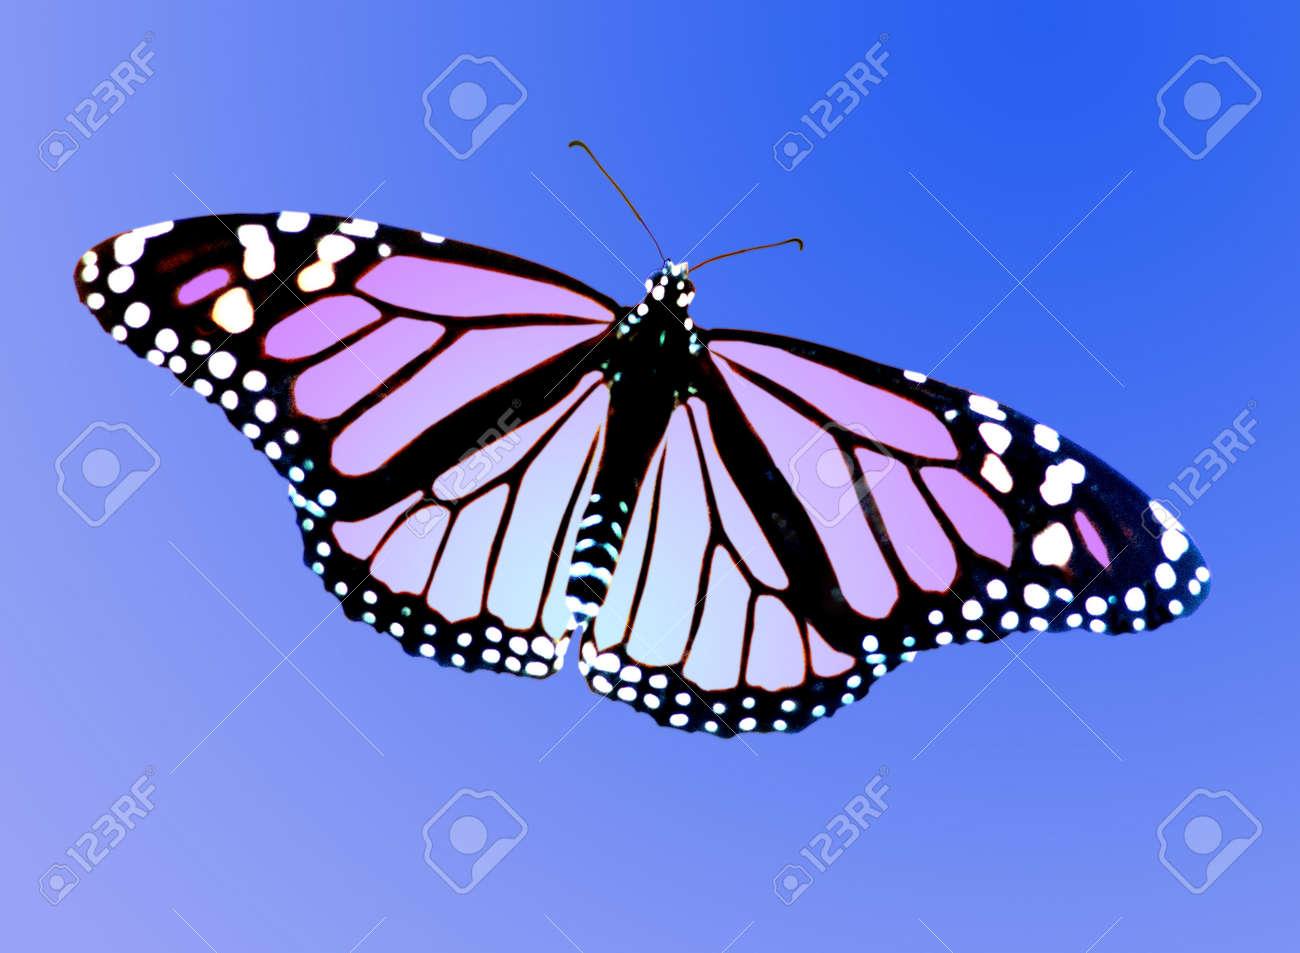 Artísticas Para Colorear De Una Mariposa Monarca En Un Azul